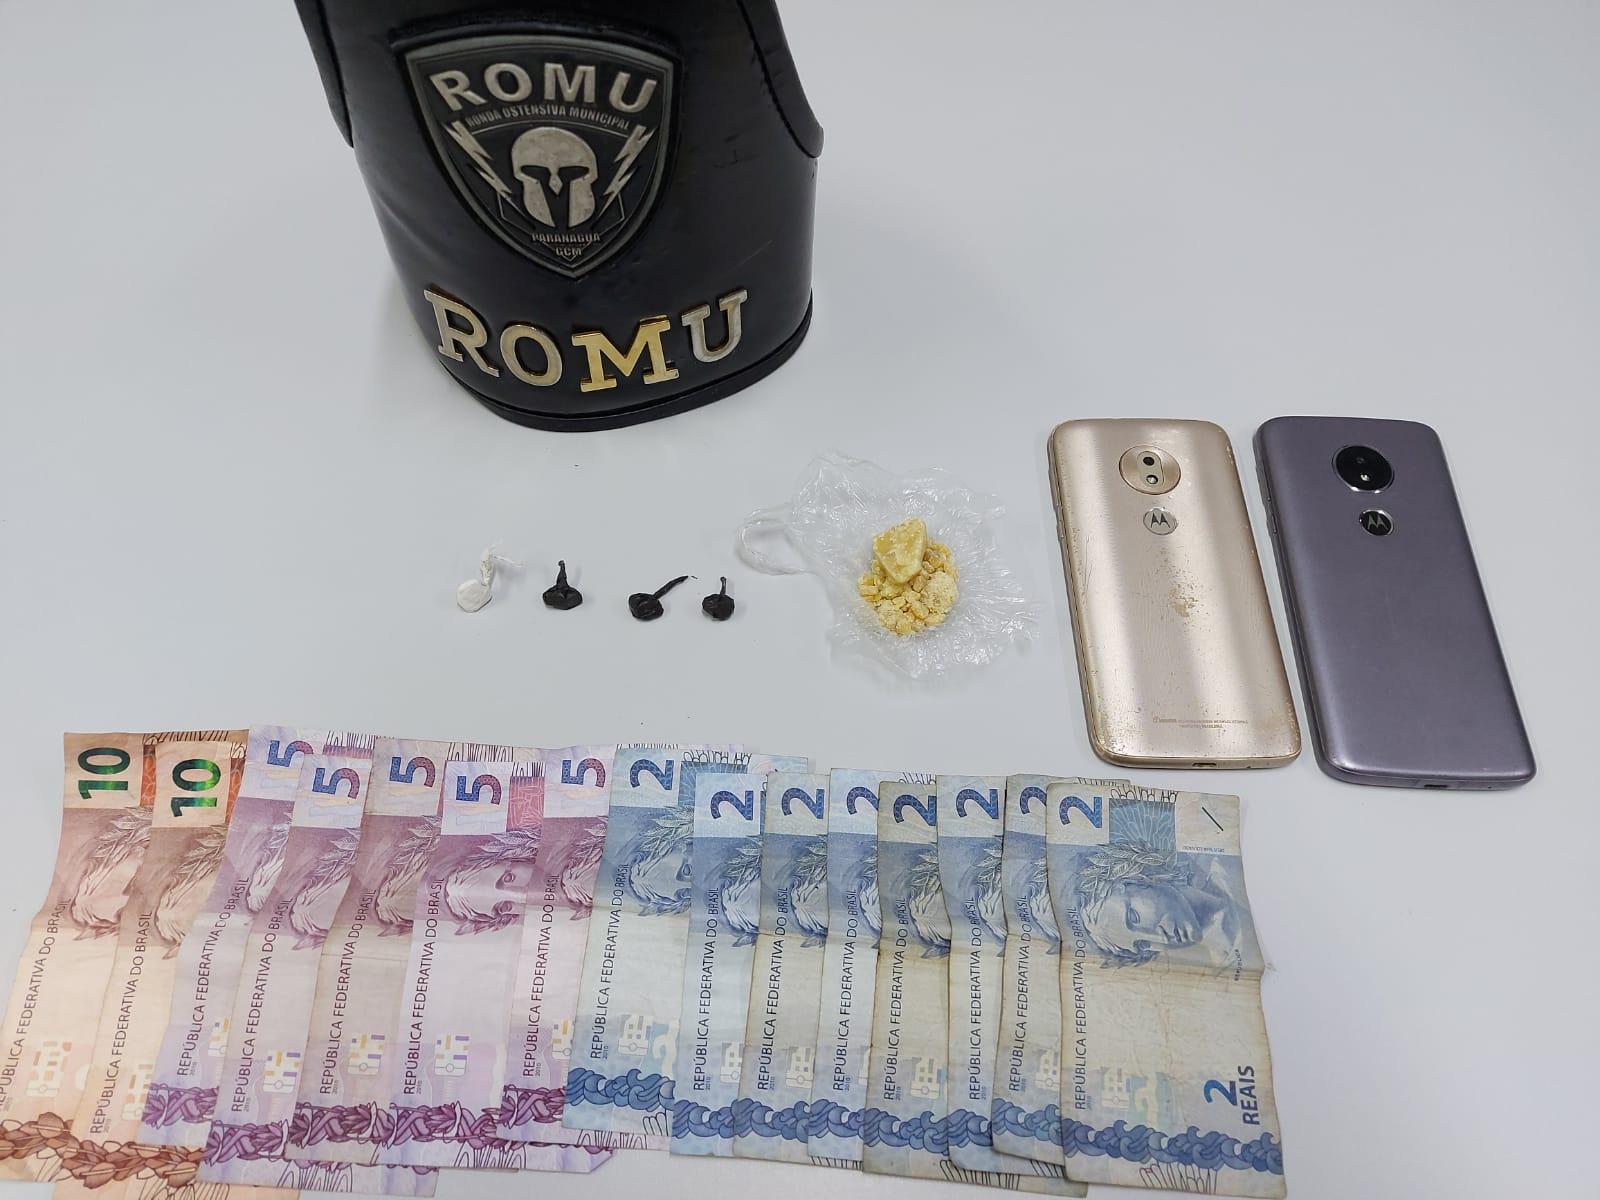 Acusado de tráfico de drogas é preso pela ROMU na Costeira